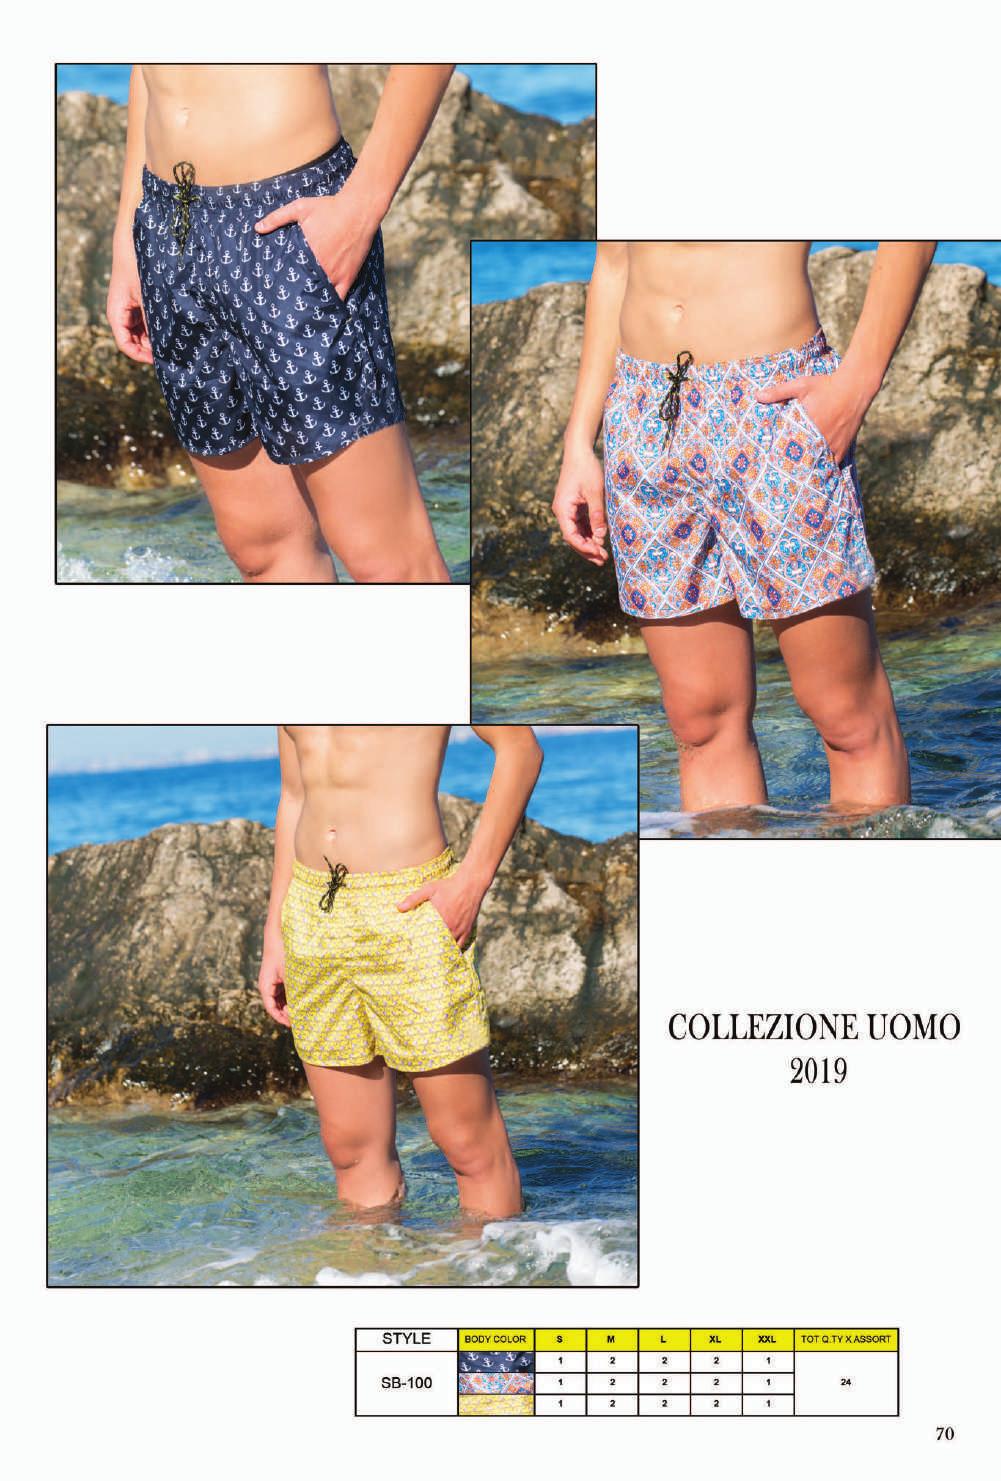 catalogo-2019-28mb-070.jpg